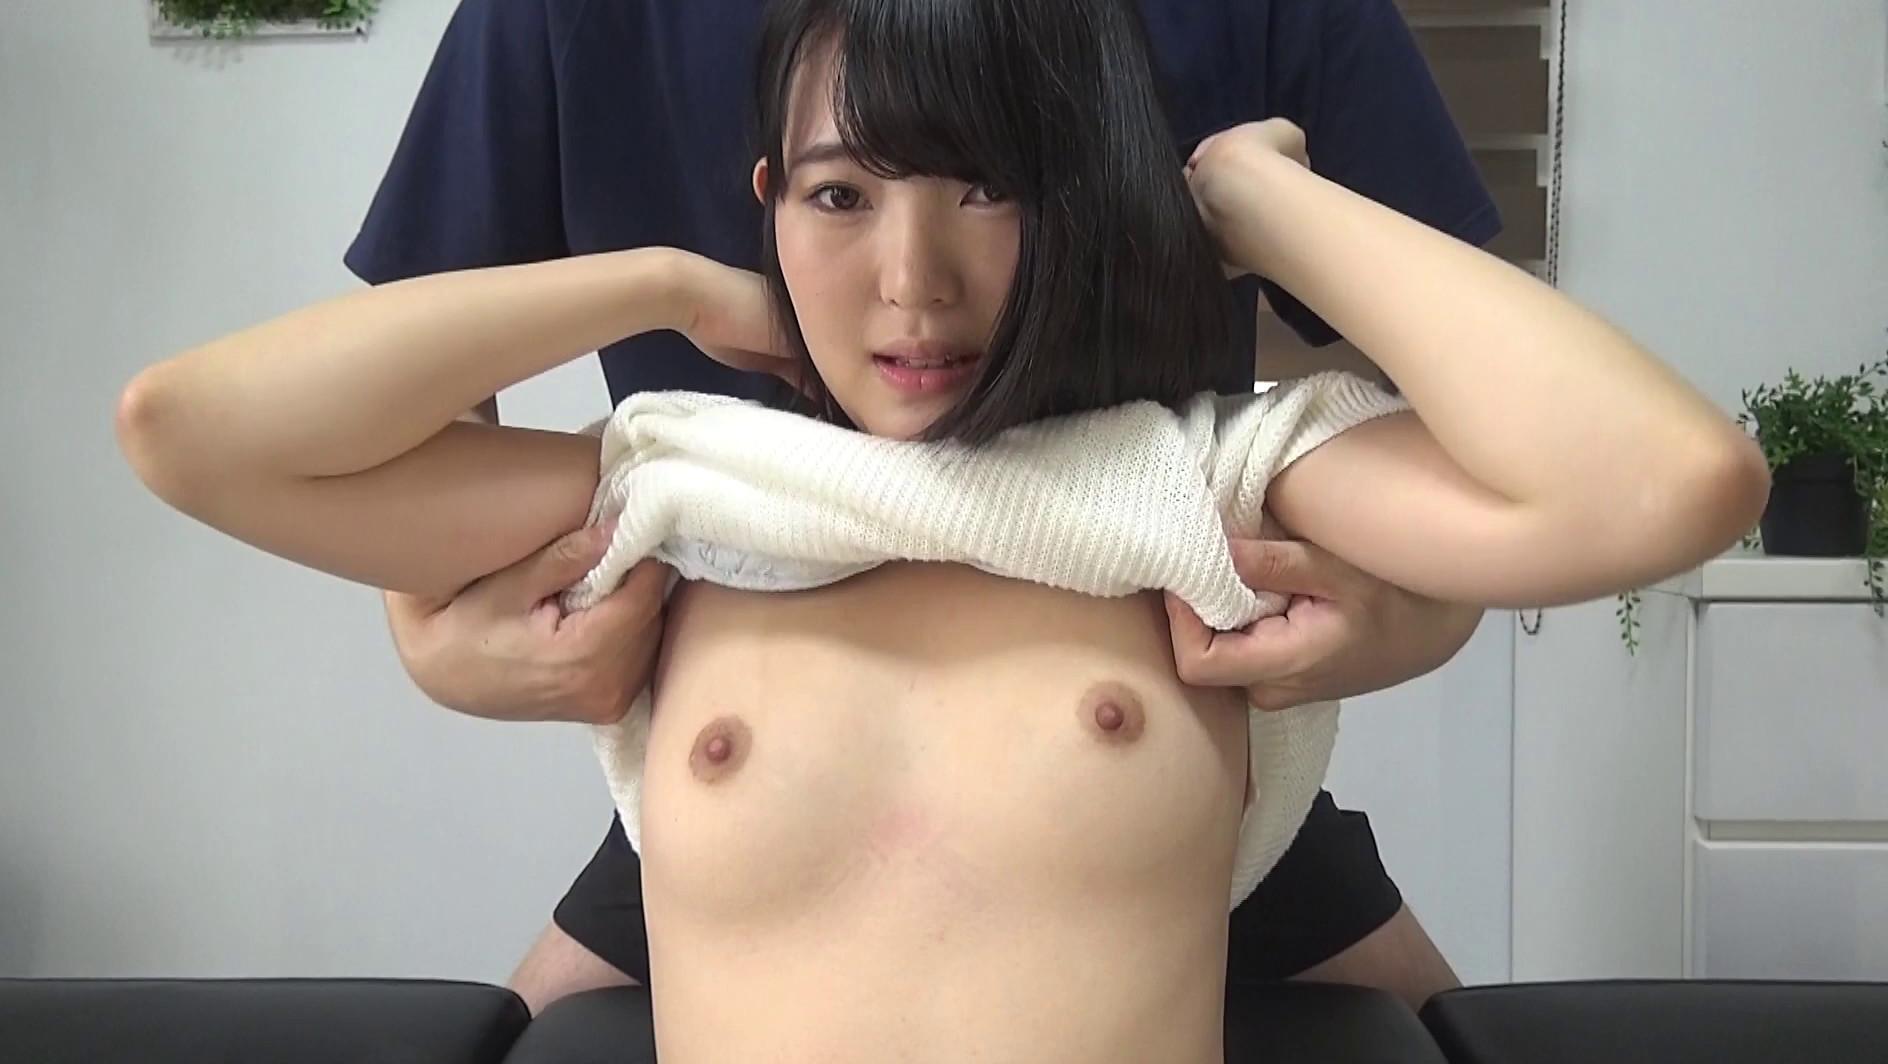 【不倫旅行】ギャルっぽいS級美人な奥様と中出しハメ撮り!服